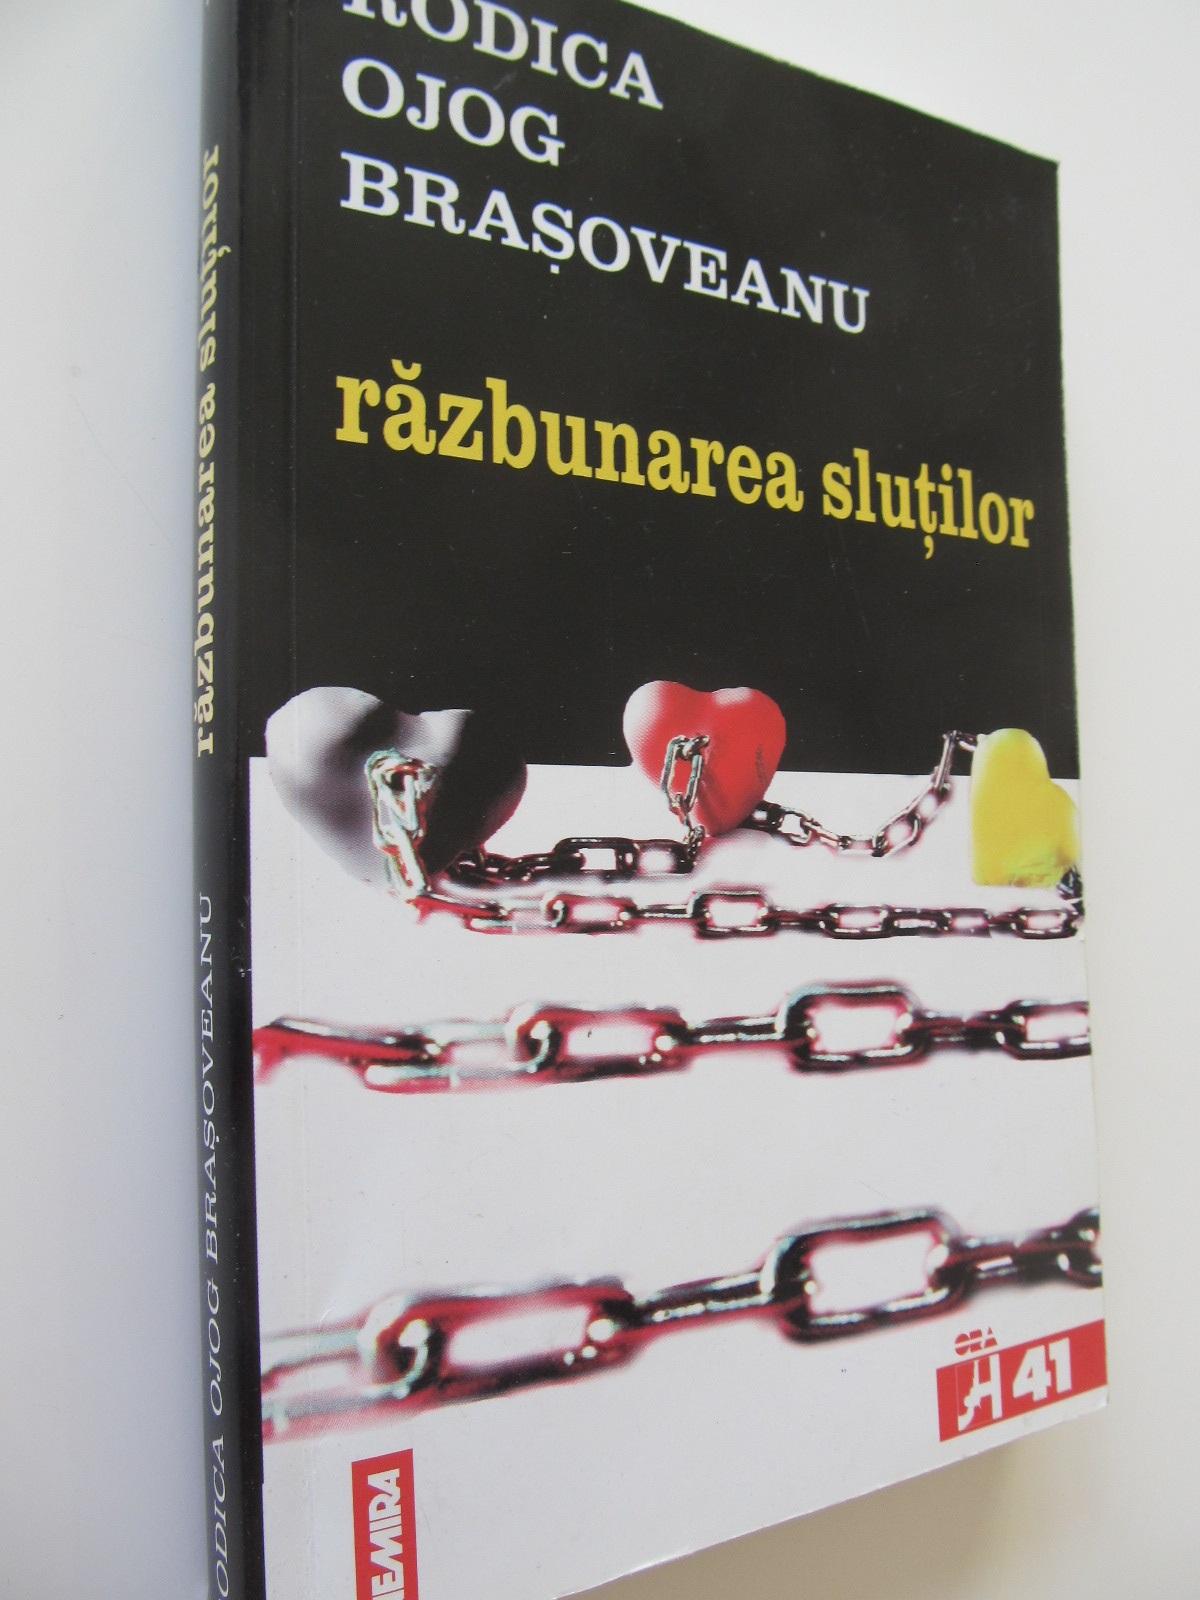 Razbunarea slutilor - Rodica Ojog Brasoveanu | Detalii carte